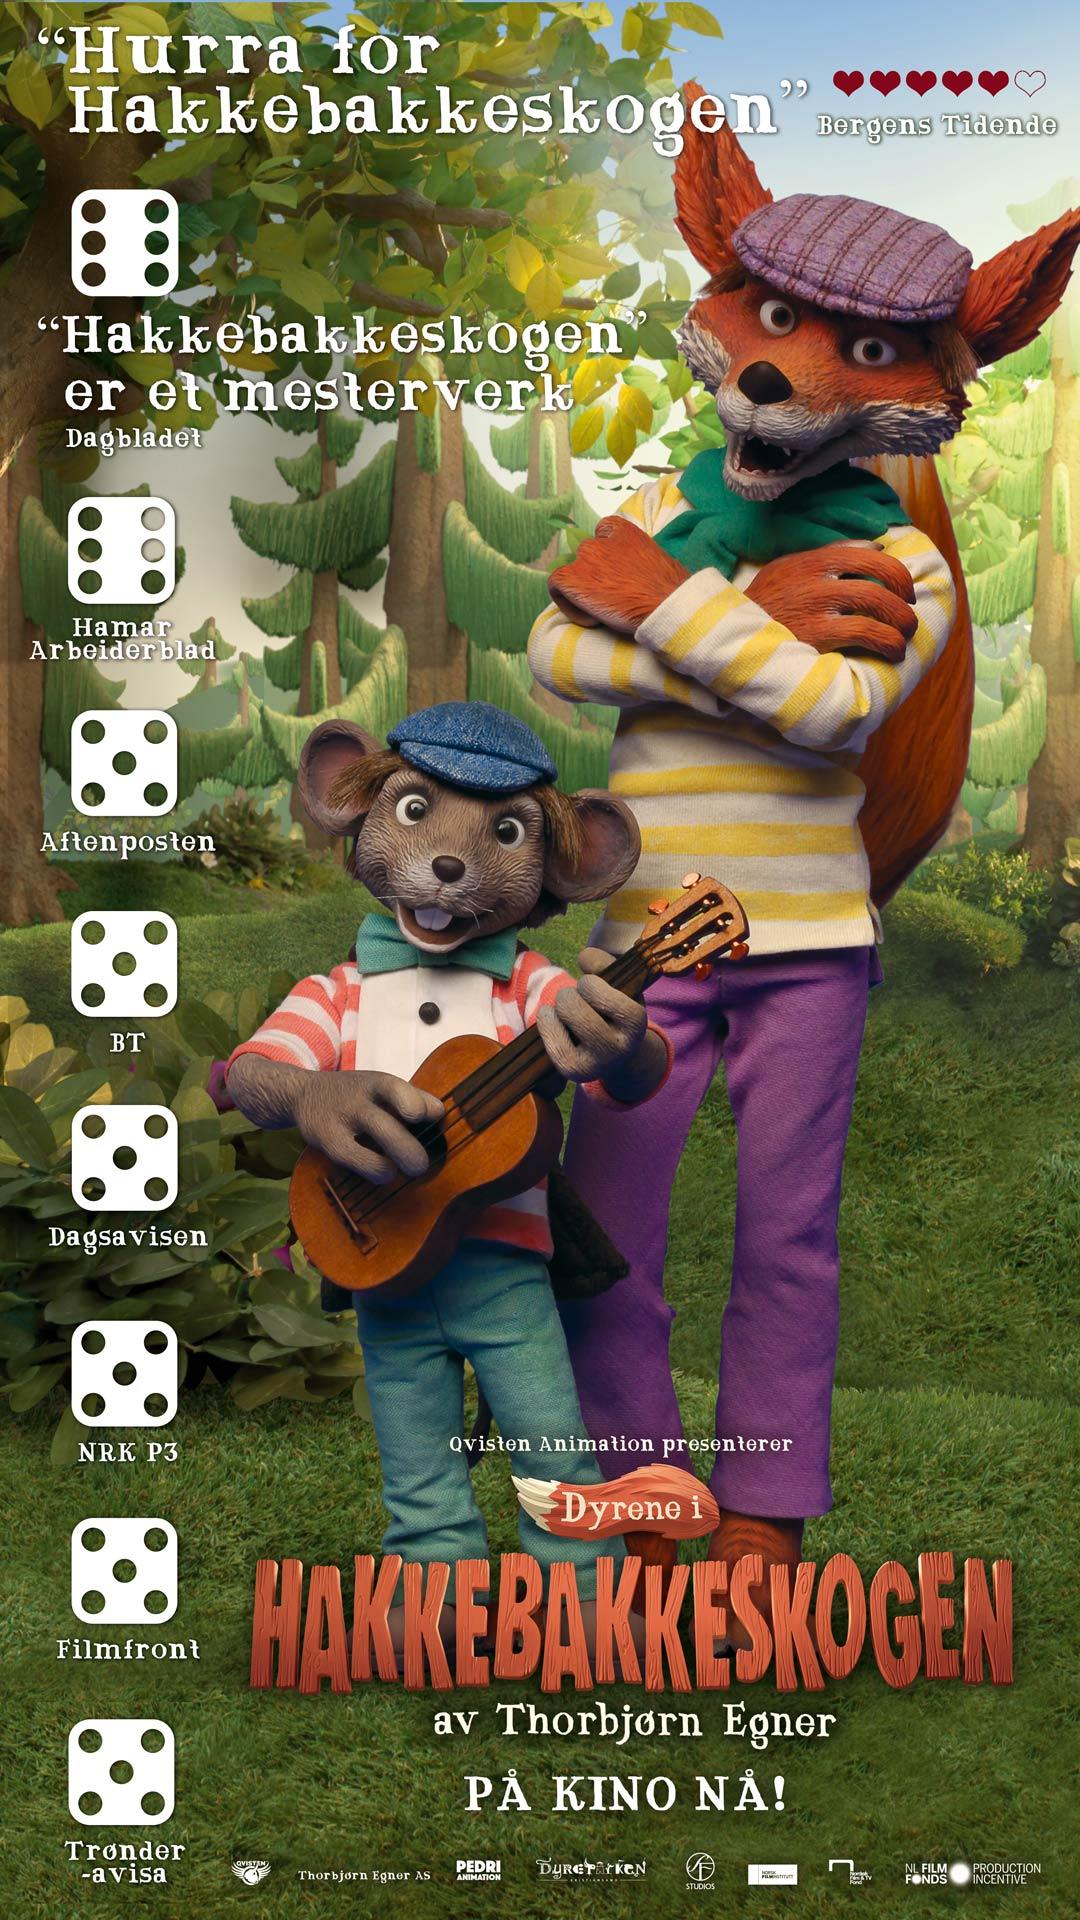 Reklameplakat for Dyrene i Hakkebakkeskogen med aktuelle anmeldelser.